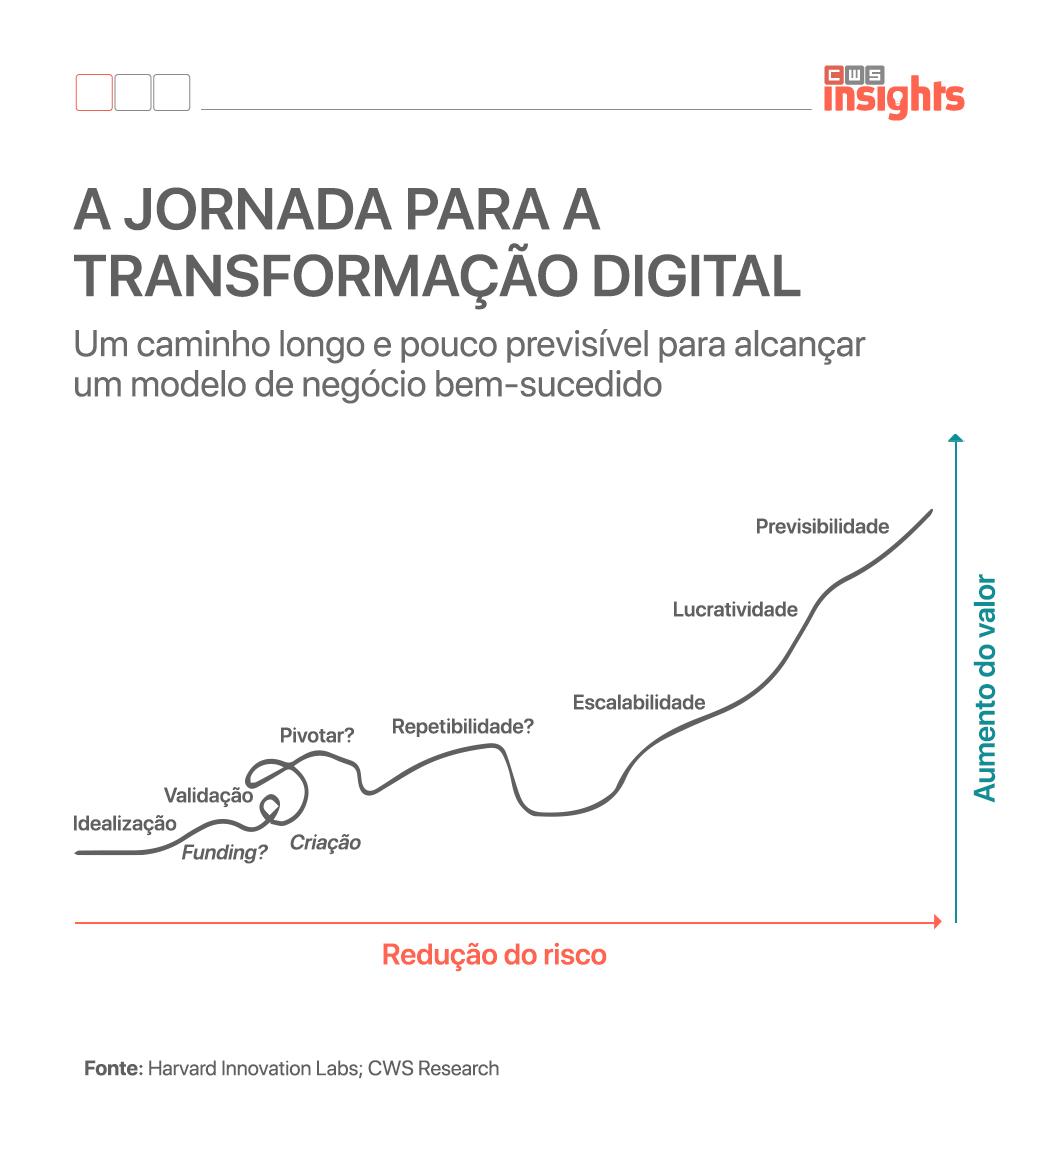 A jornada para a digitalização